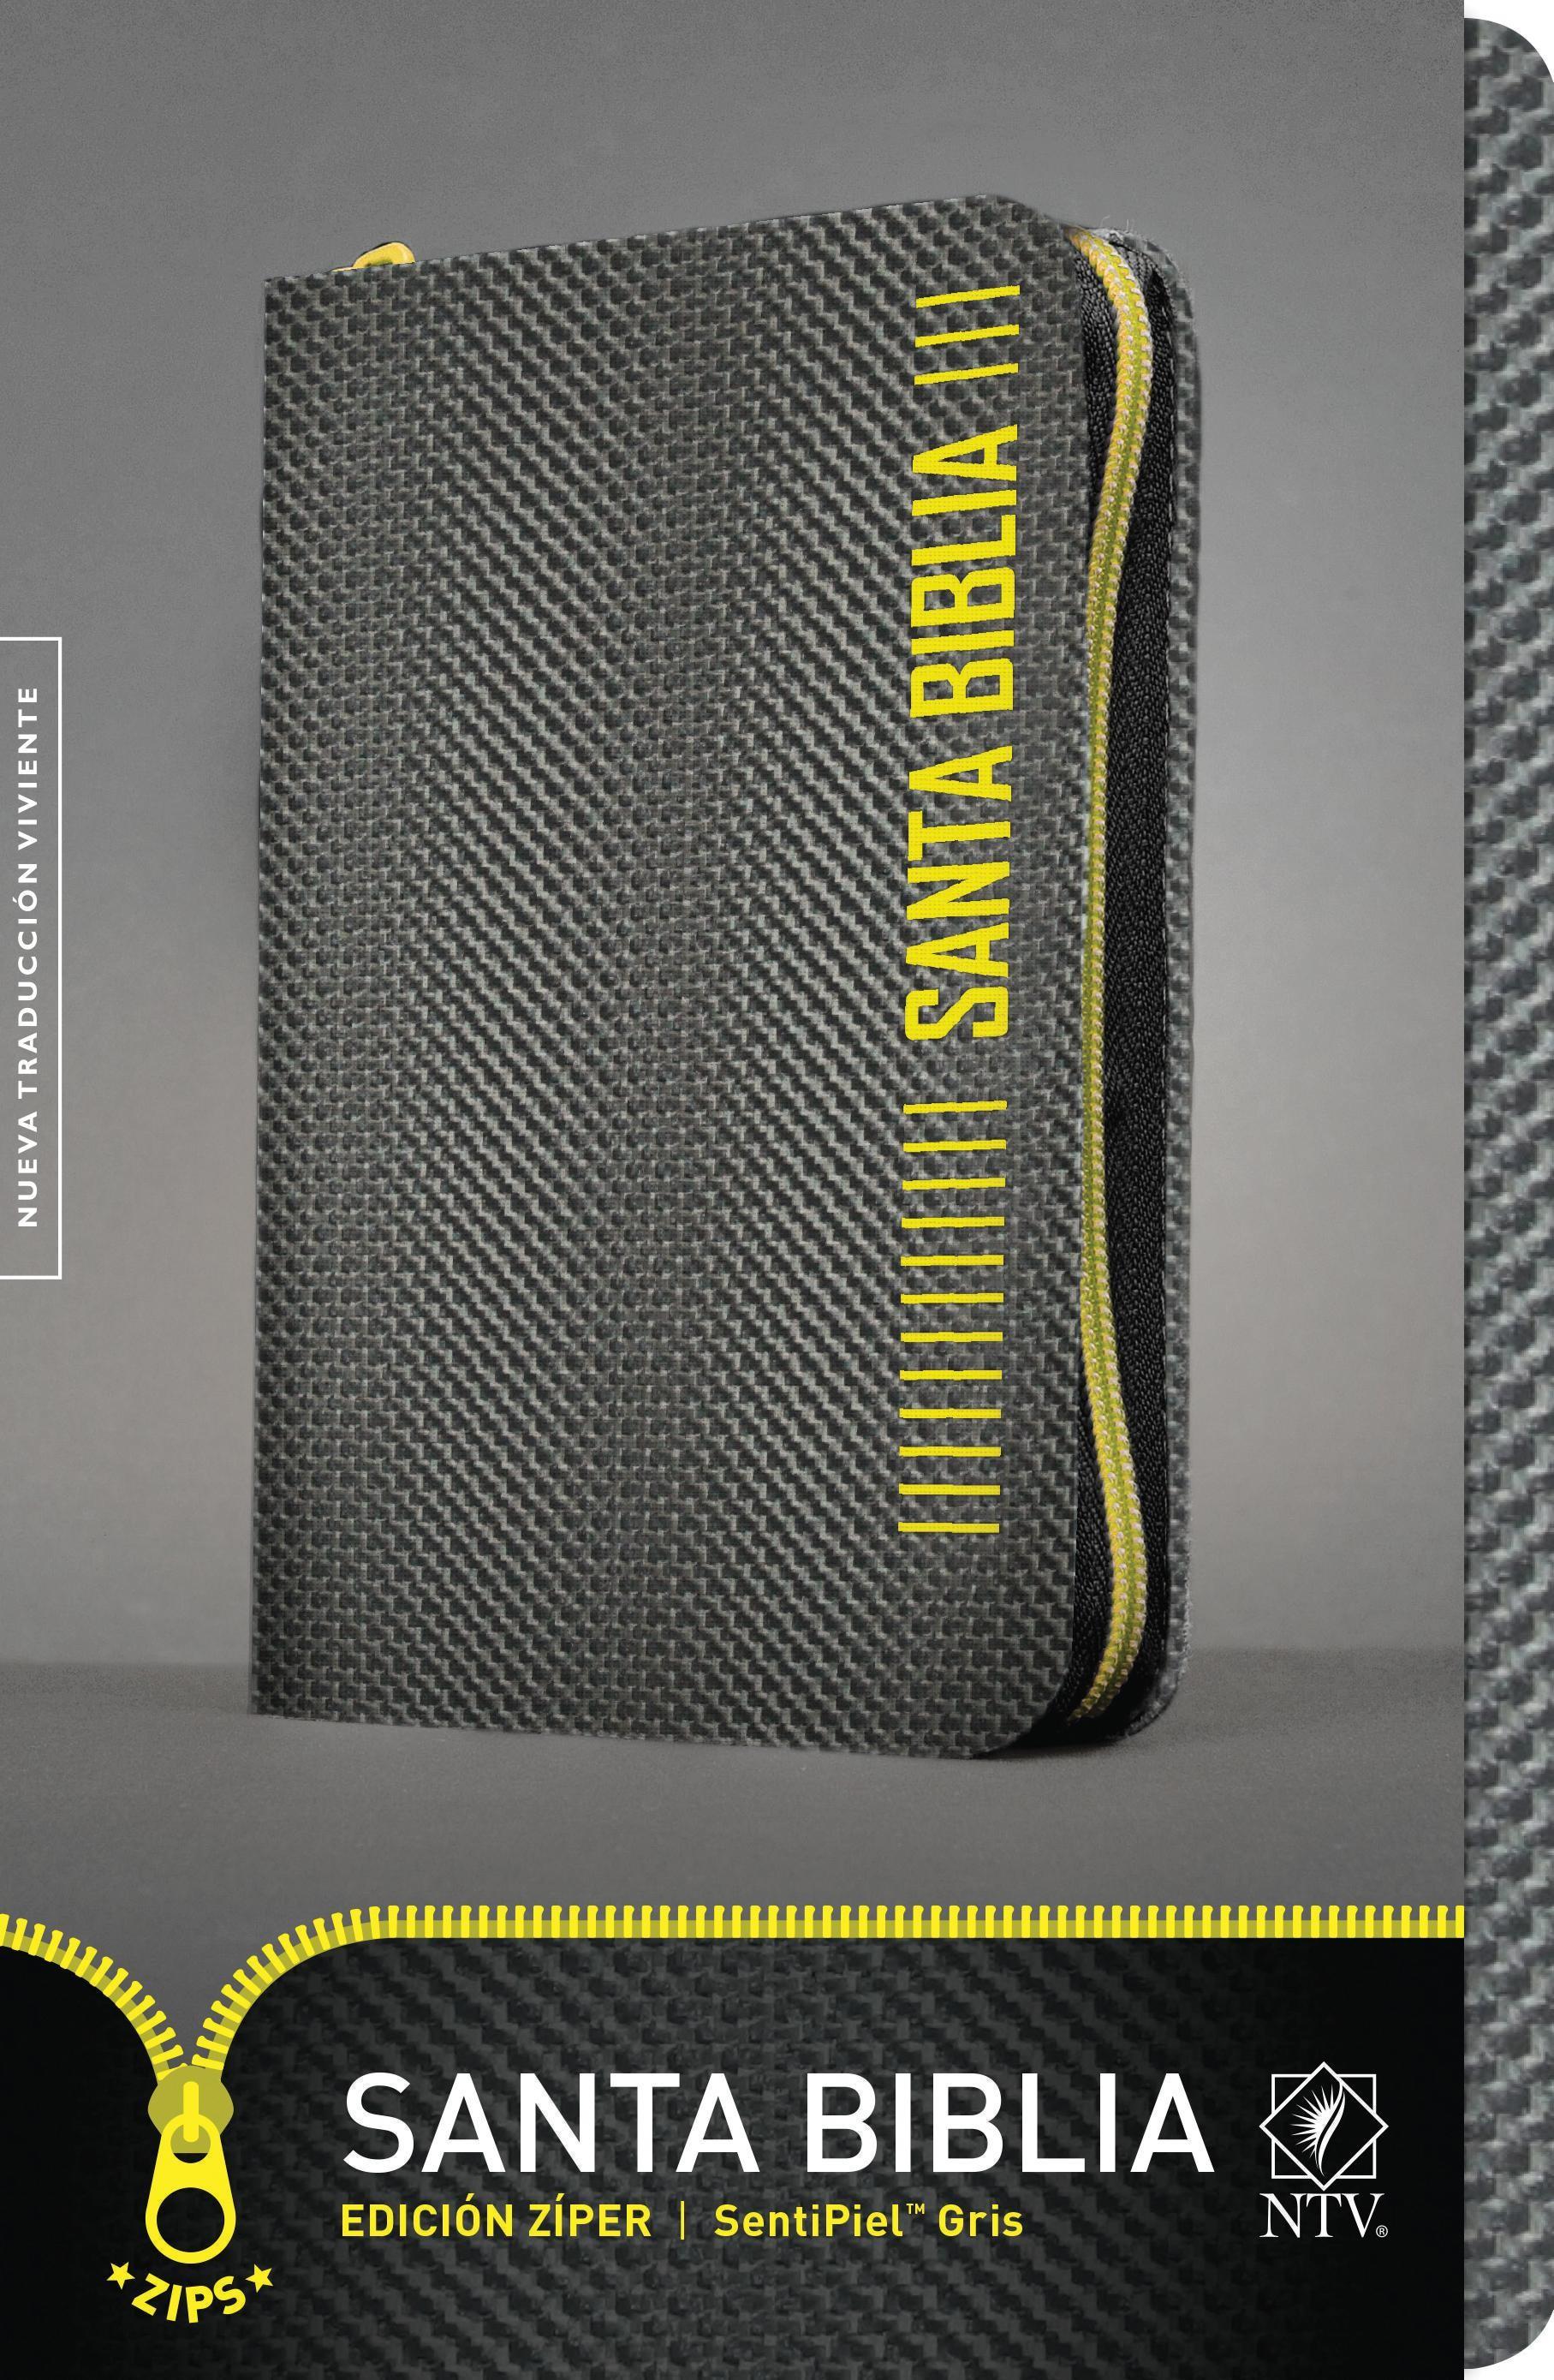 Santa Biblia NTV, Edición zíper: Holy Bible NTV, Zipper Edition - 9781496414946 - Tyndale